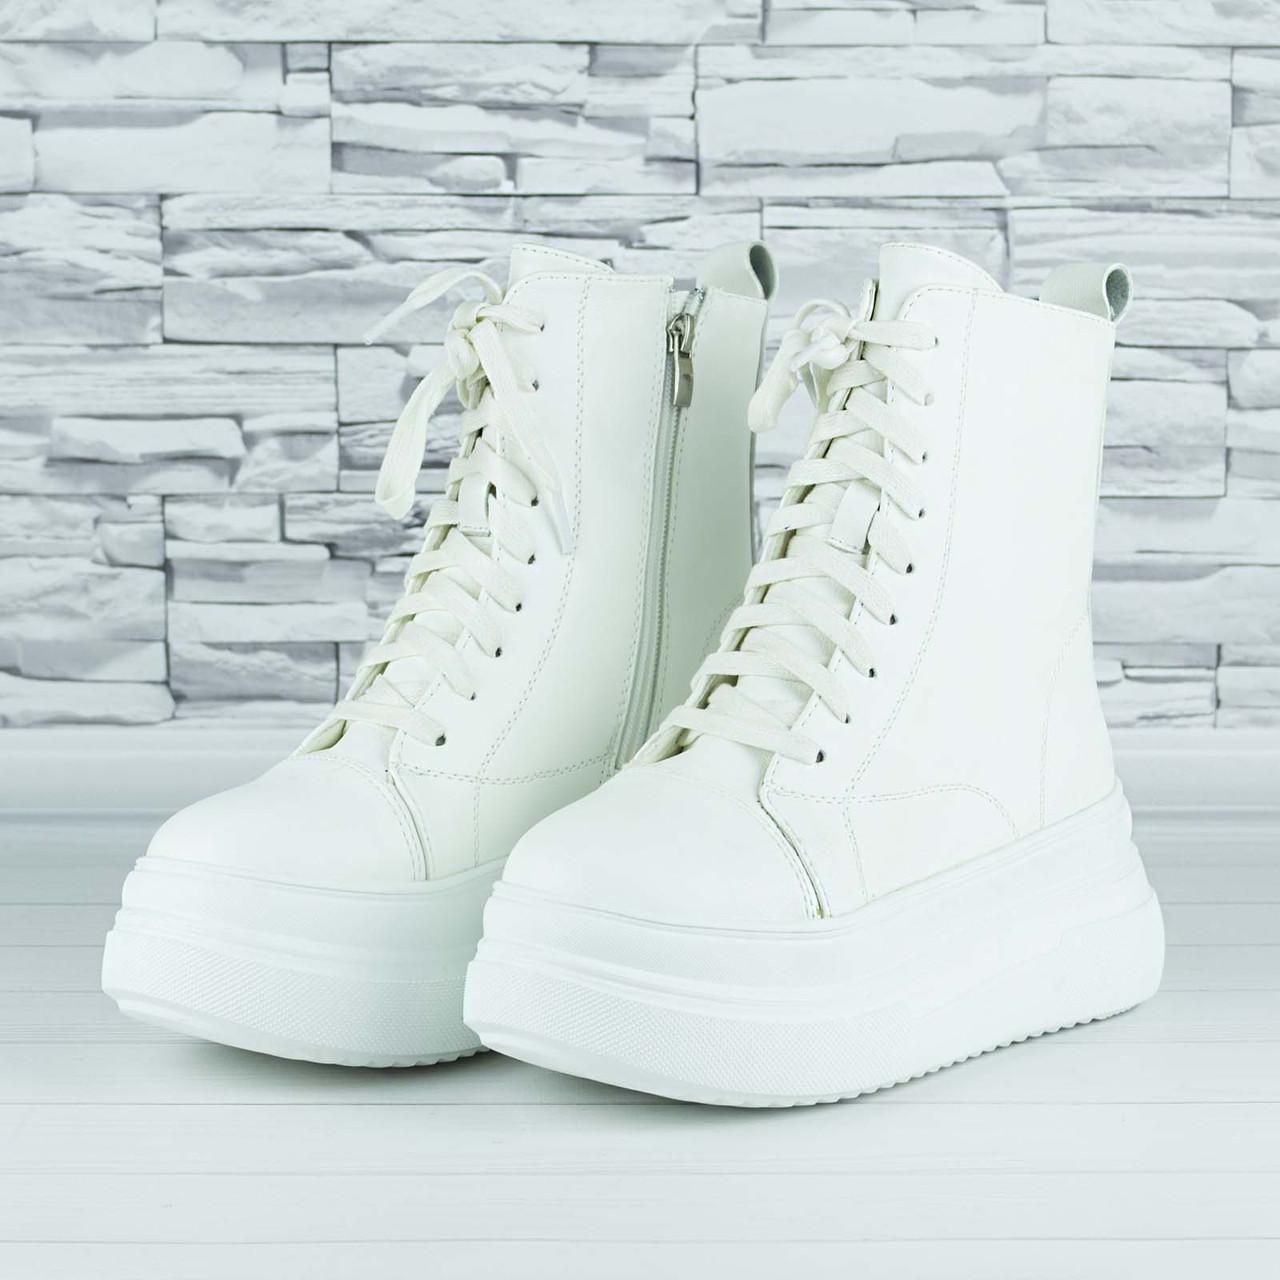 Ботинки женские зимние белые на шнурках и молнии эко кожа b-465